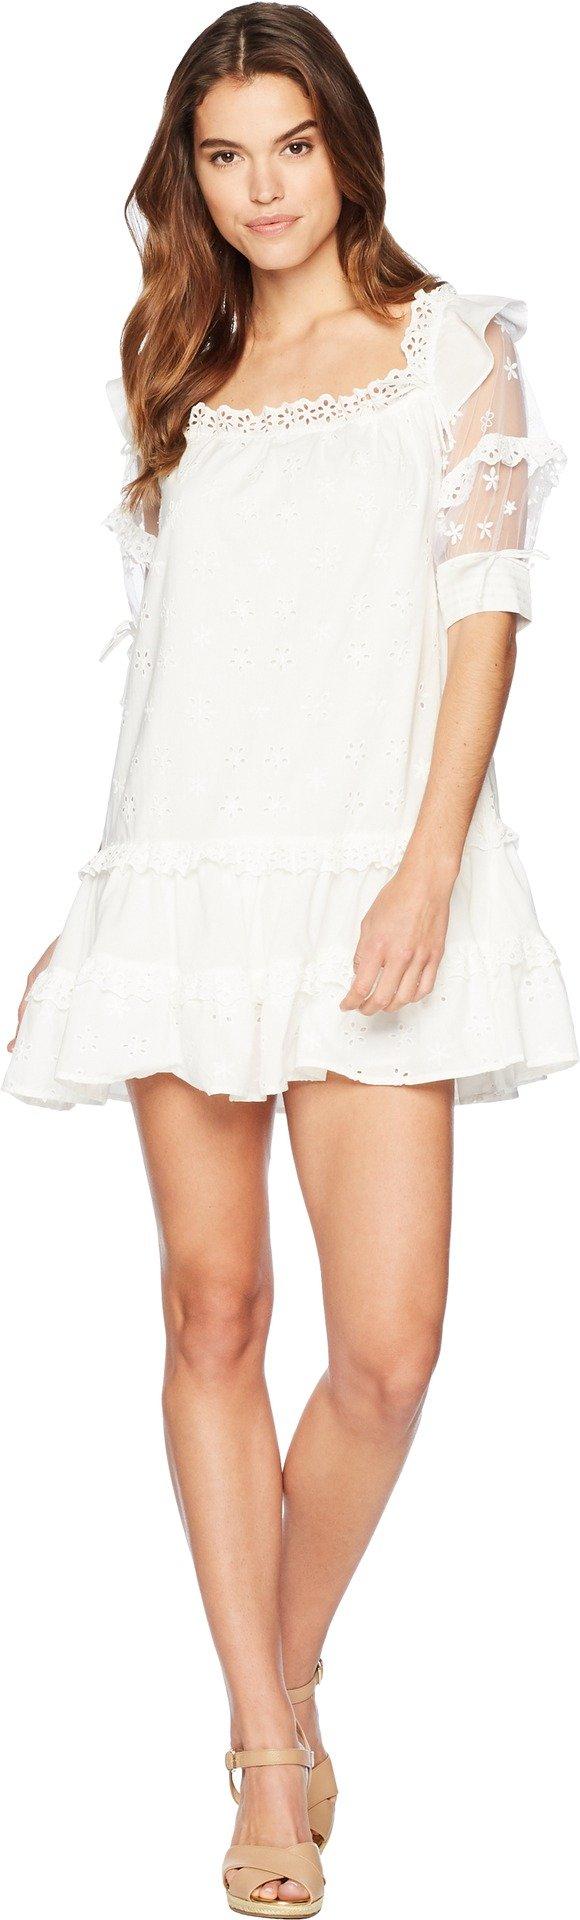 for Love and Lemons Women's Hermosa Eyelet Swing Dress White Large